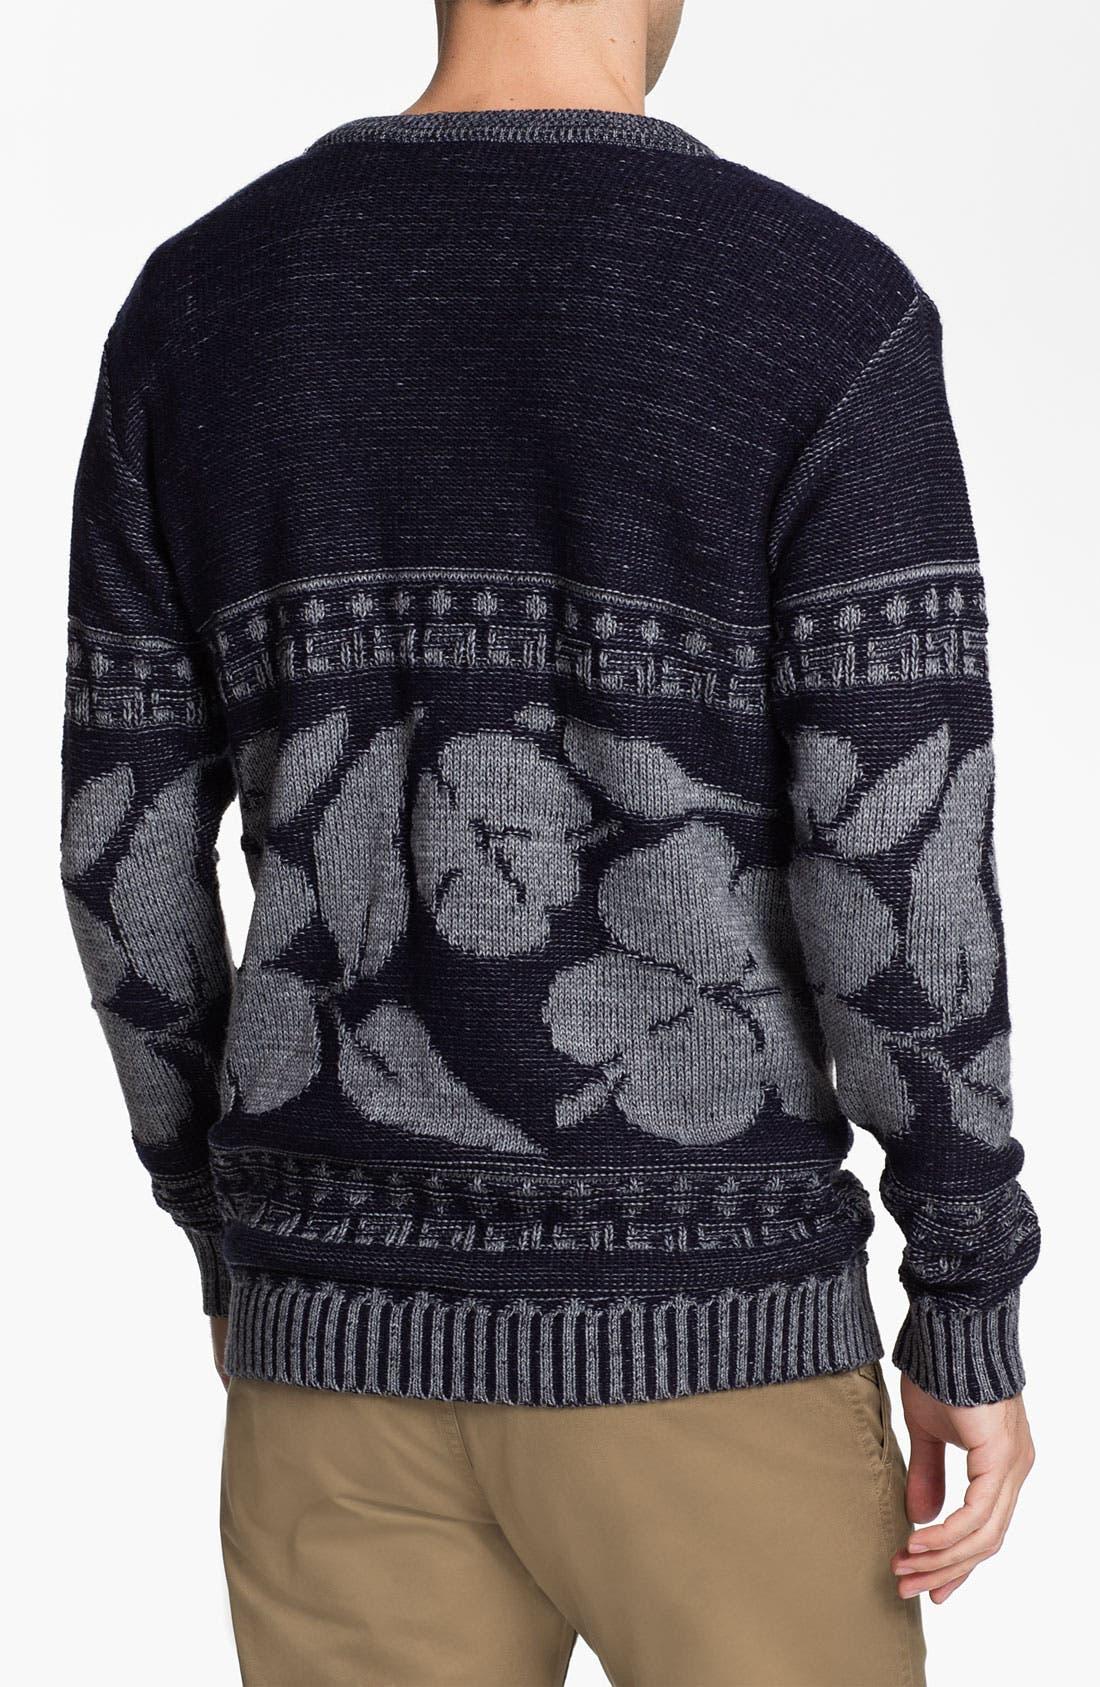 Alternate Image 2  - Vanguard 'Hibiscus' Crewneck Sweater